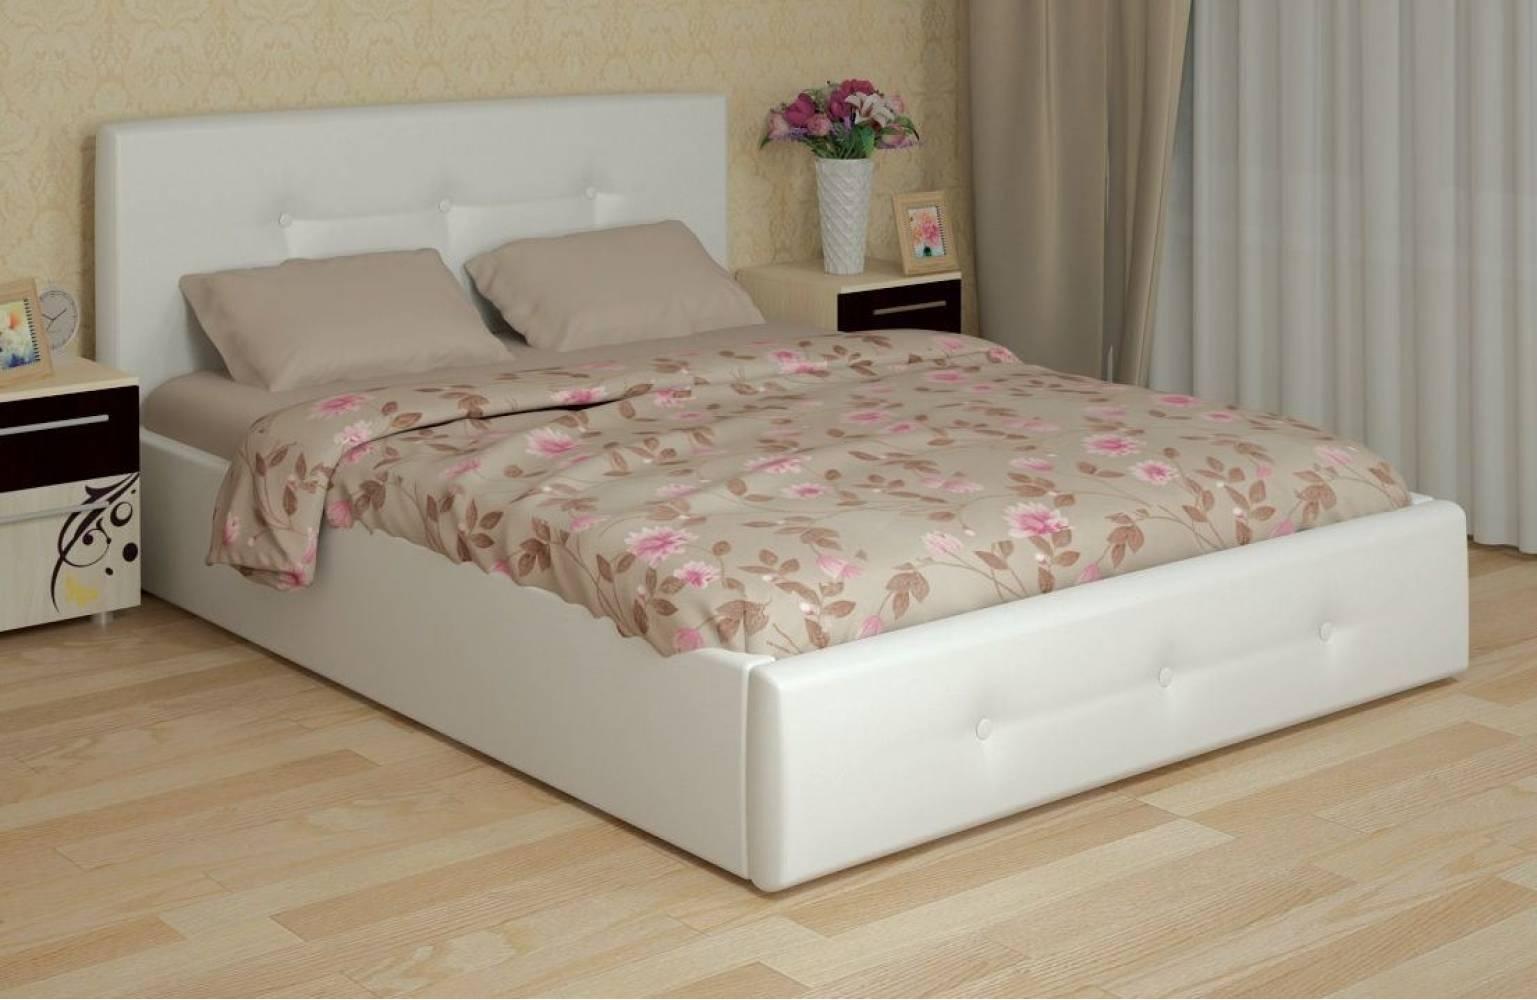 Линда Кровать интерьерная 140*200 см + ортопед 140 ножка 185 мм-5 шт